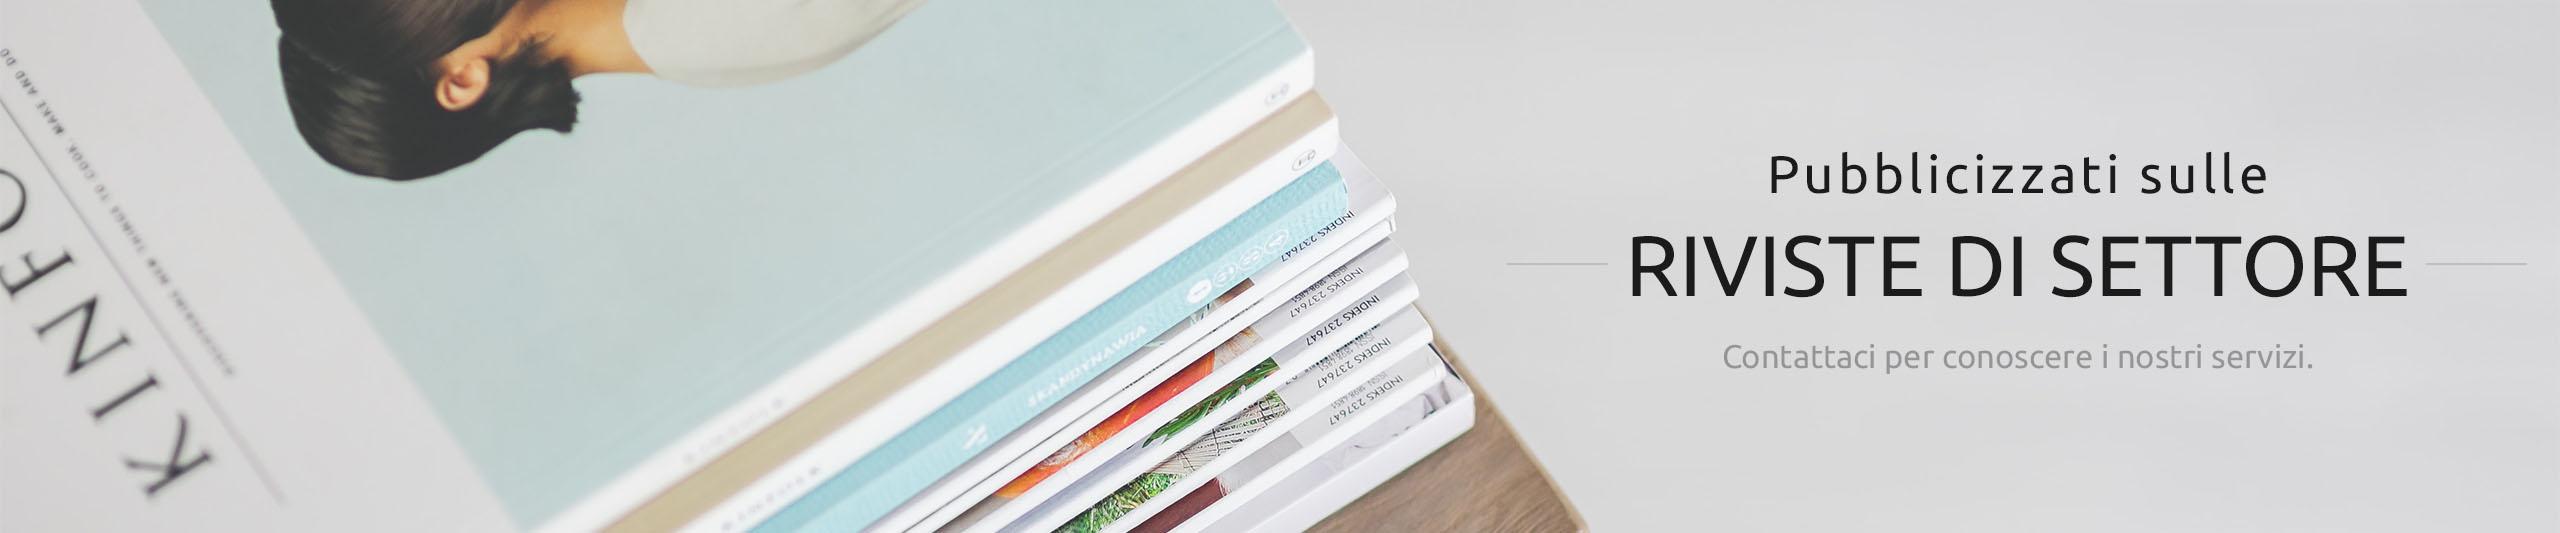 Prodotti Tipografici, Servizi Web, Gadget Personalizzati | PRINGO